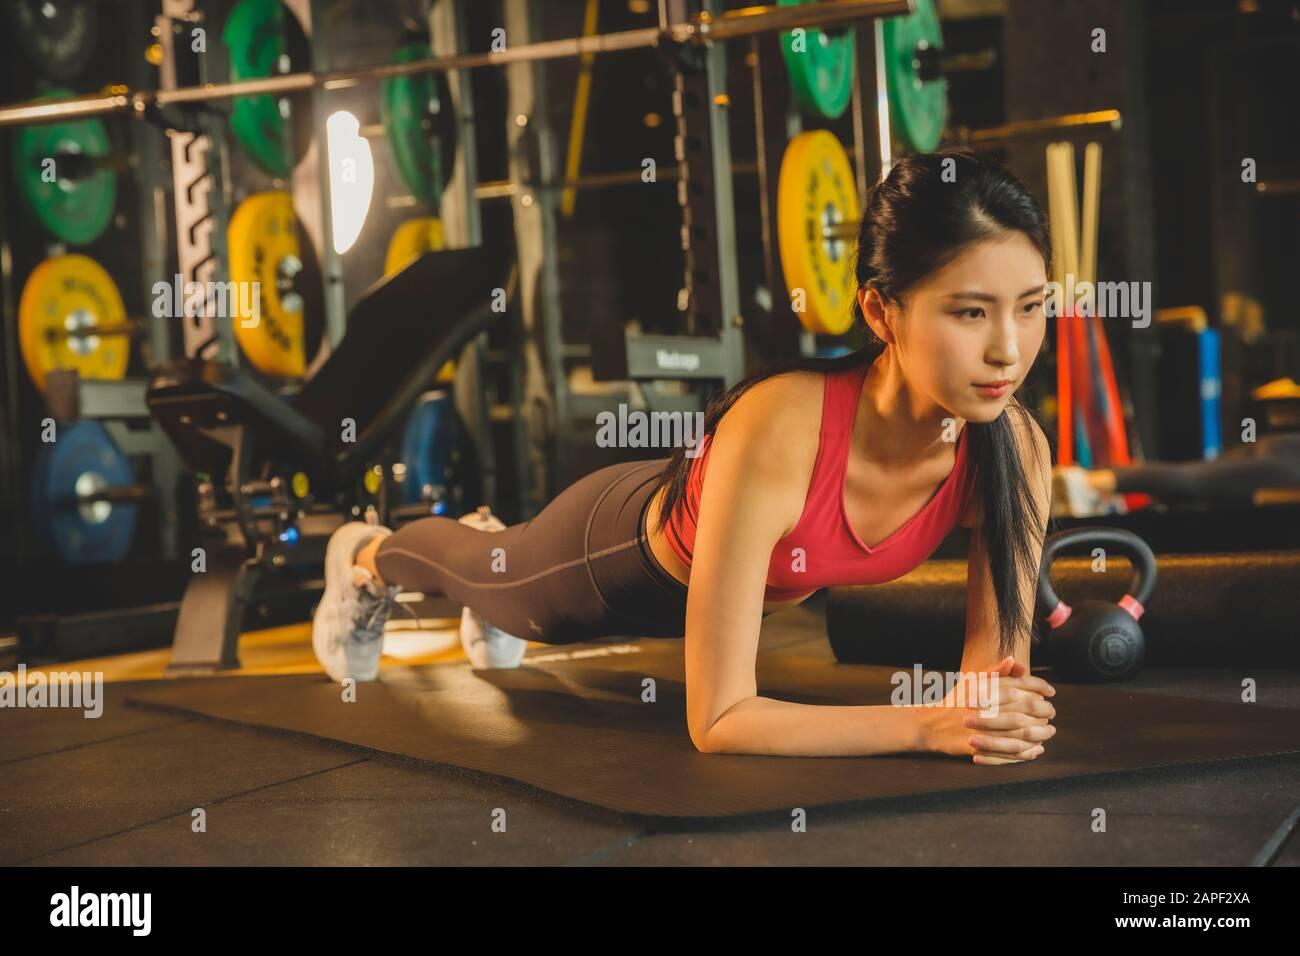 Ejercicio masculino y femenino en el gimnasio. Deporte, fitness, pesas y concepto de entrenamiento 084 Foto de stock